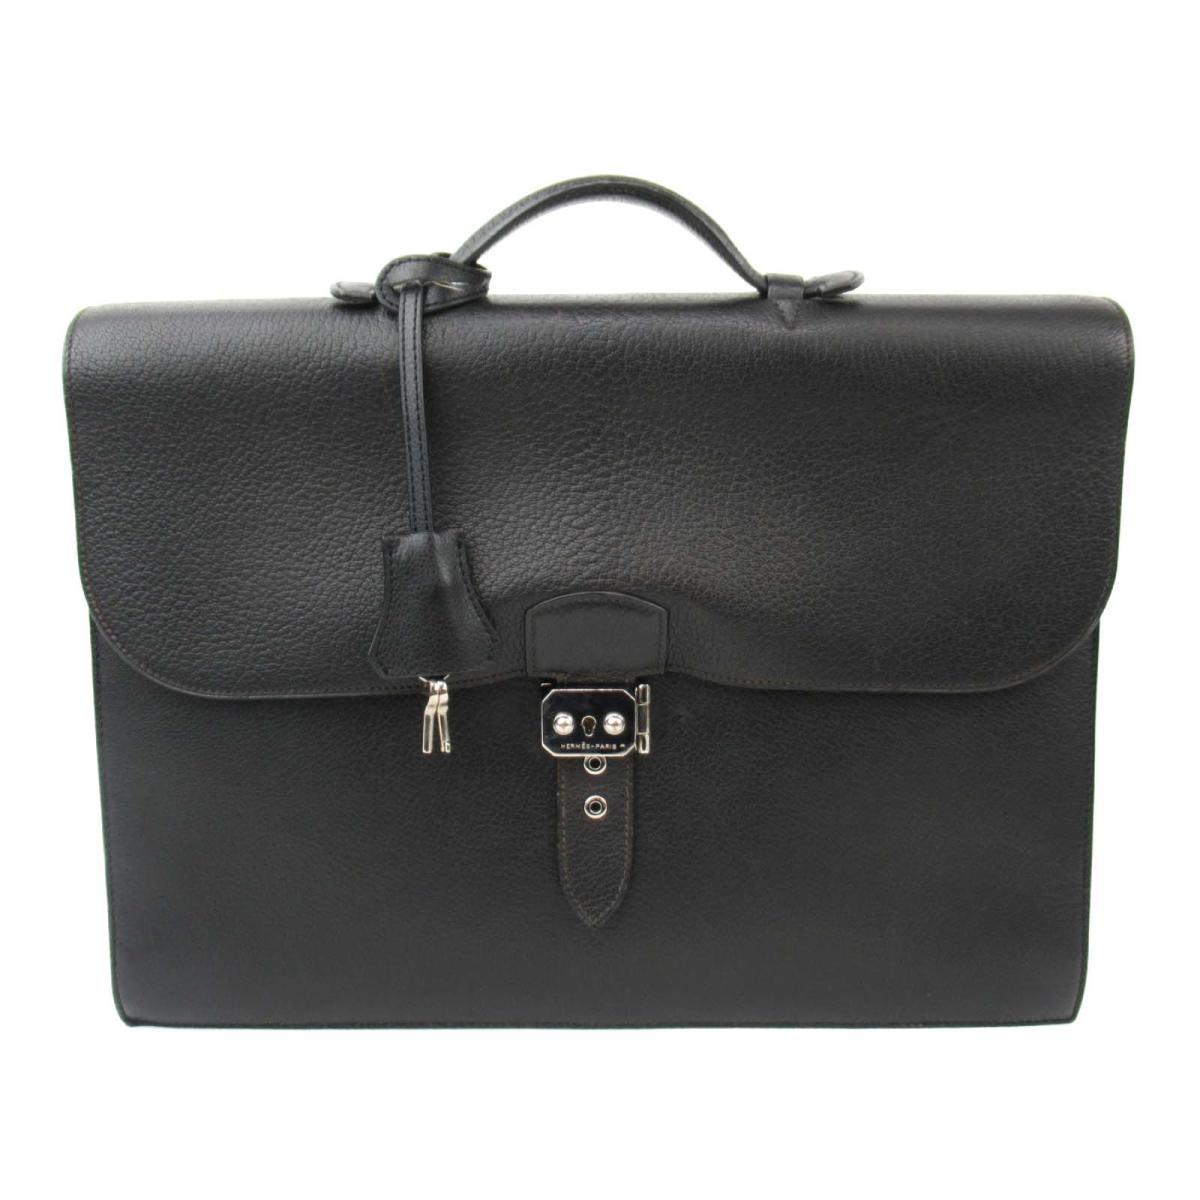 【中古】エルメス サックアデペッシュ38 ビジネスバッグ ブリーフケース メンズ シェーブル ブラック (シルバー金具) | HERMES BRANDOFF ブランドオフ レディース ブランドバッグ かばん バッグ バック ハンドバッグ